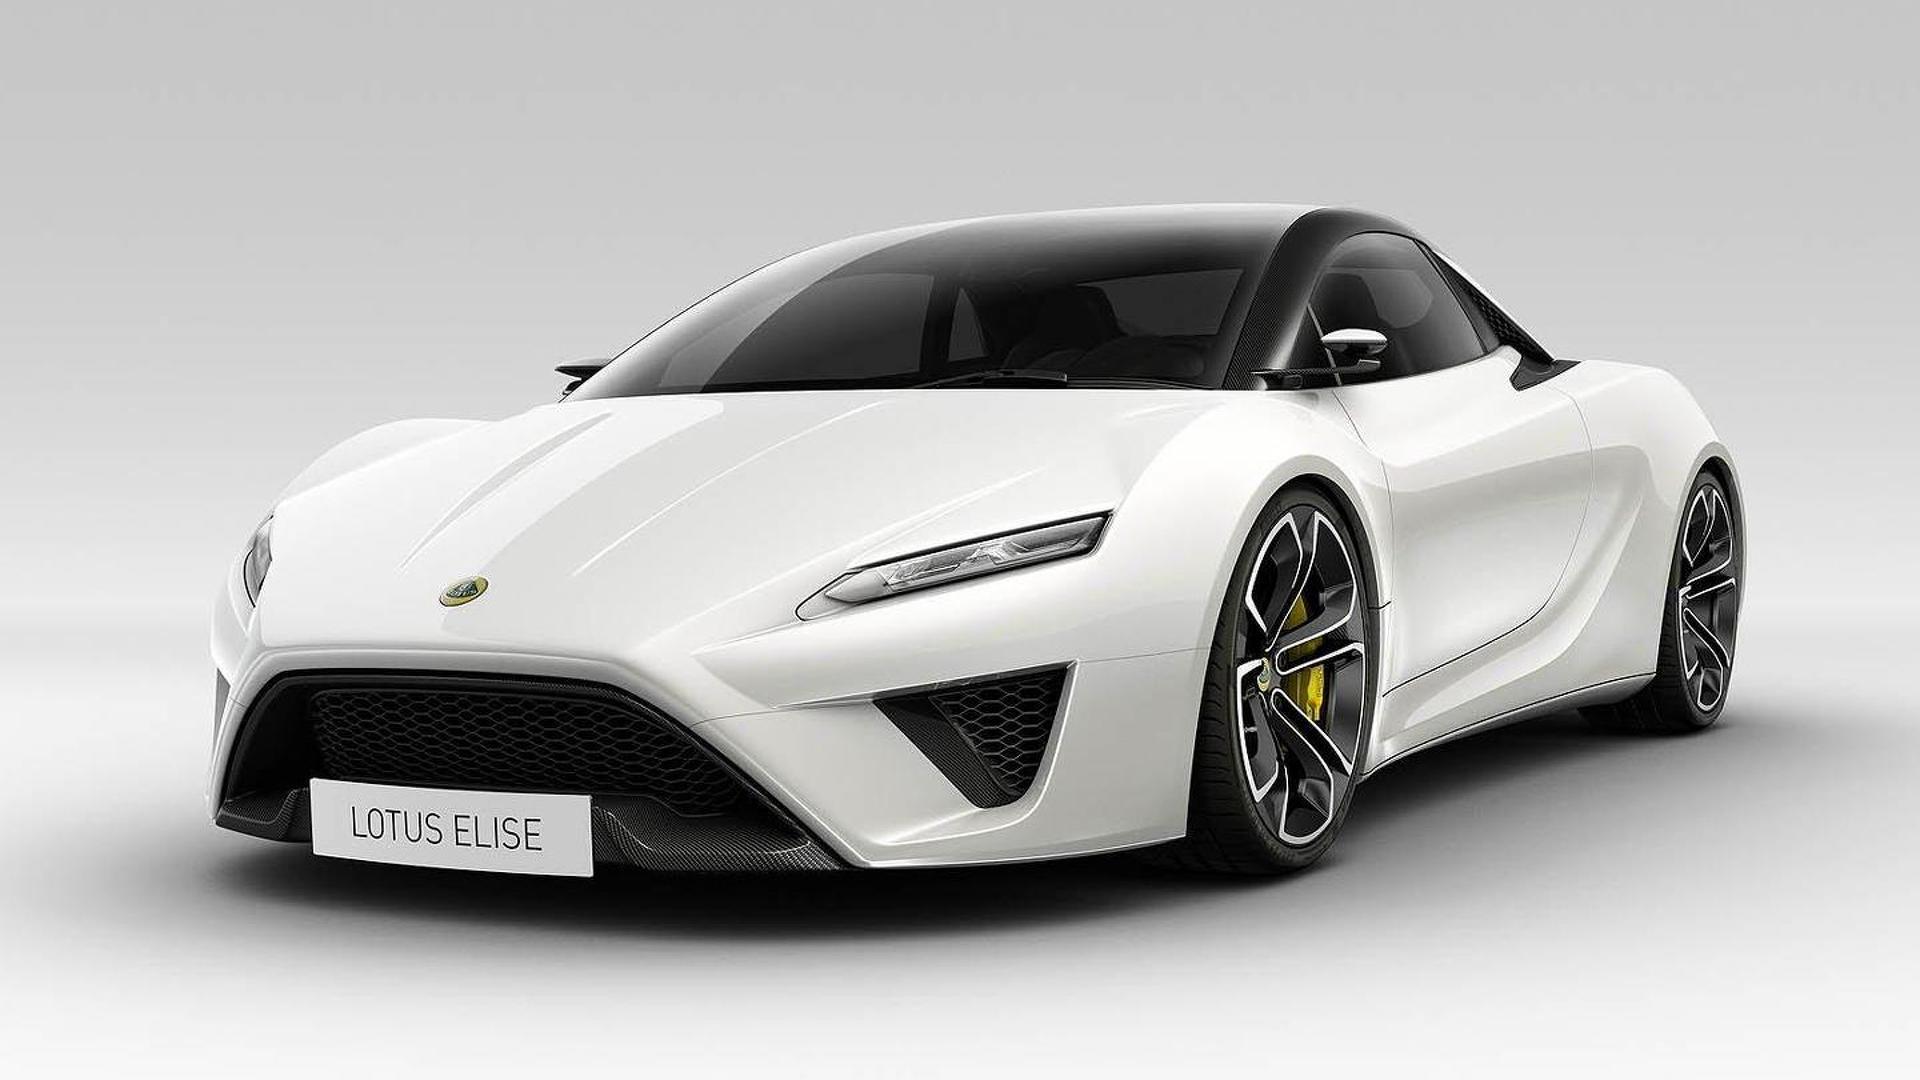 Next Gen Lotus Elise Coming In